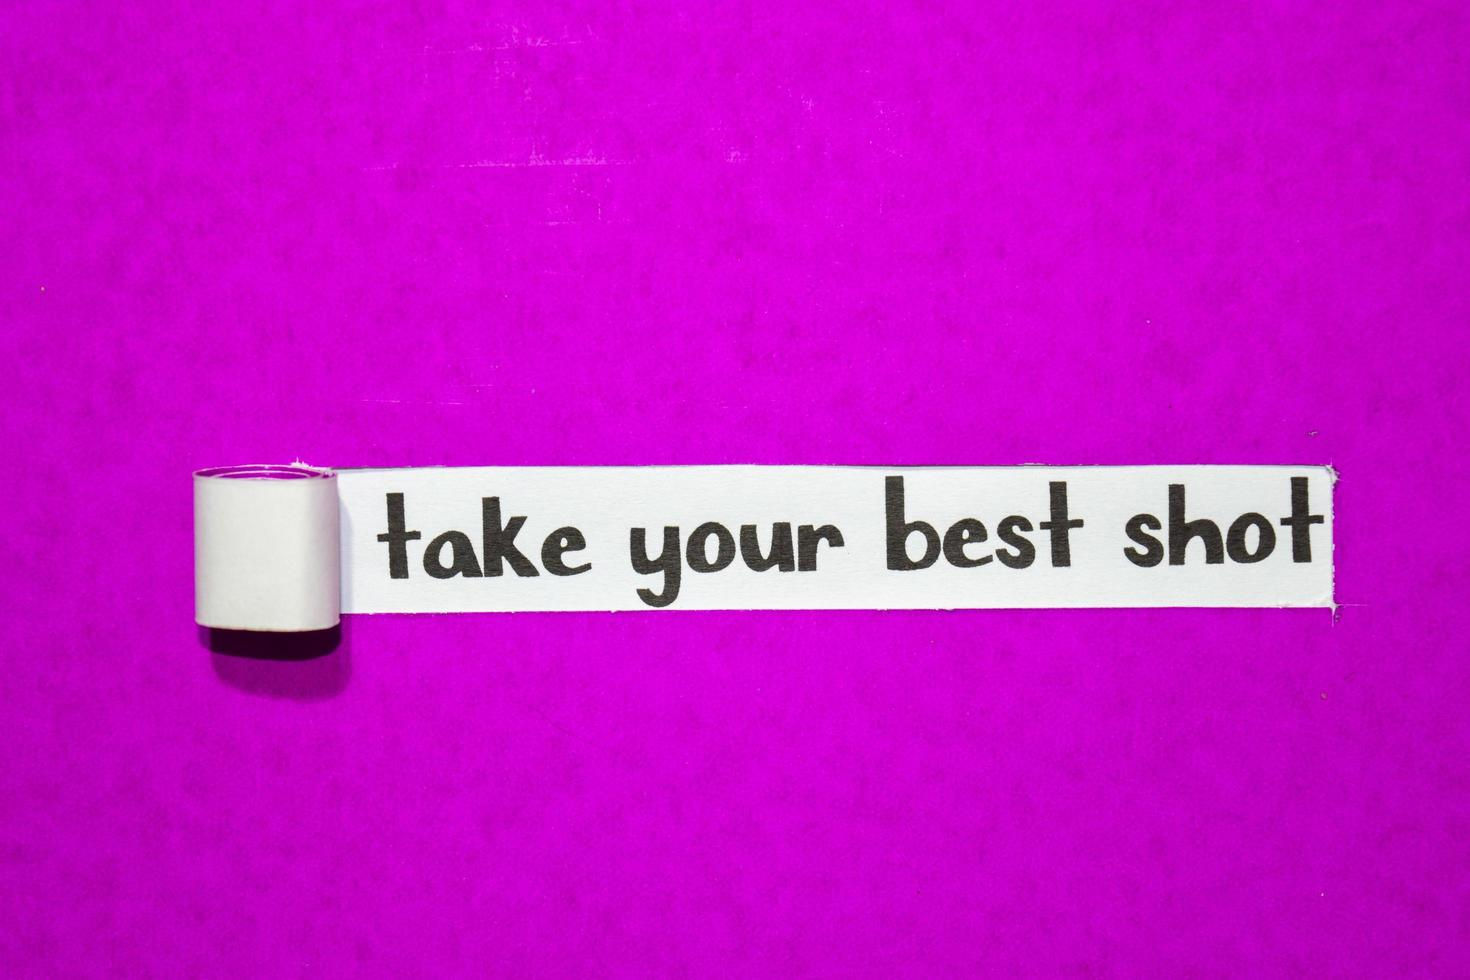 ta din bästa bild, inspiration, motivation och affärsidé på lila sönderrivet papper foto